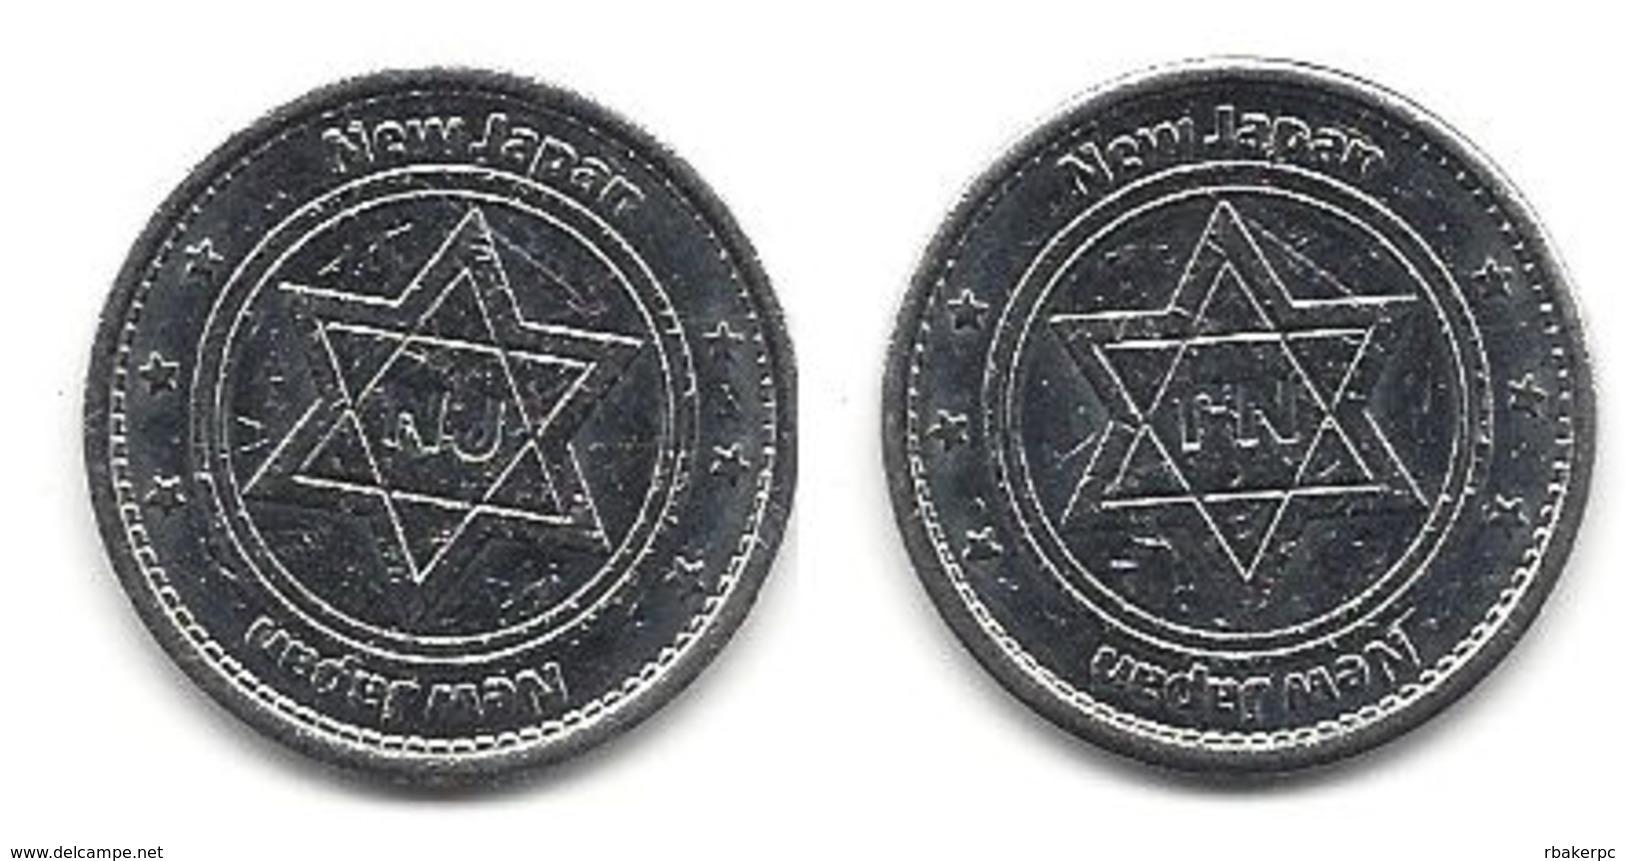 New Japan Metal Token - Tokens & Medals